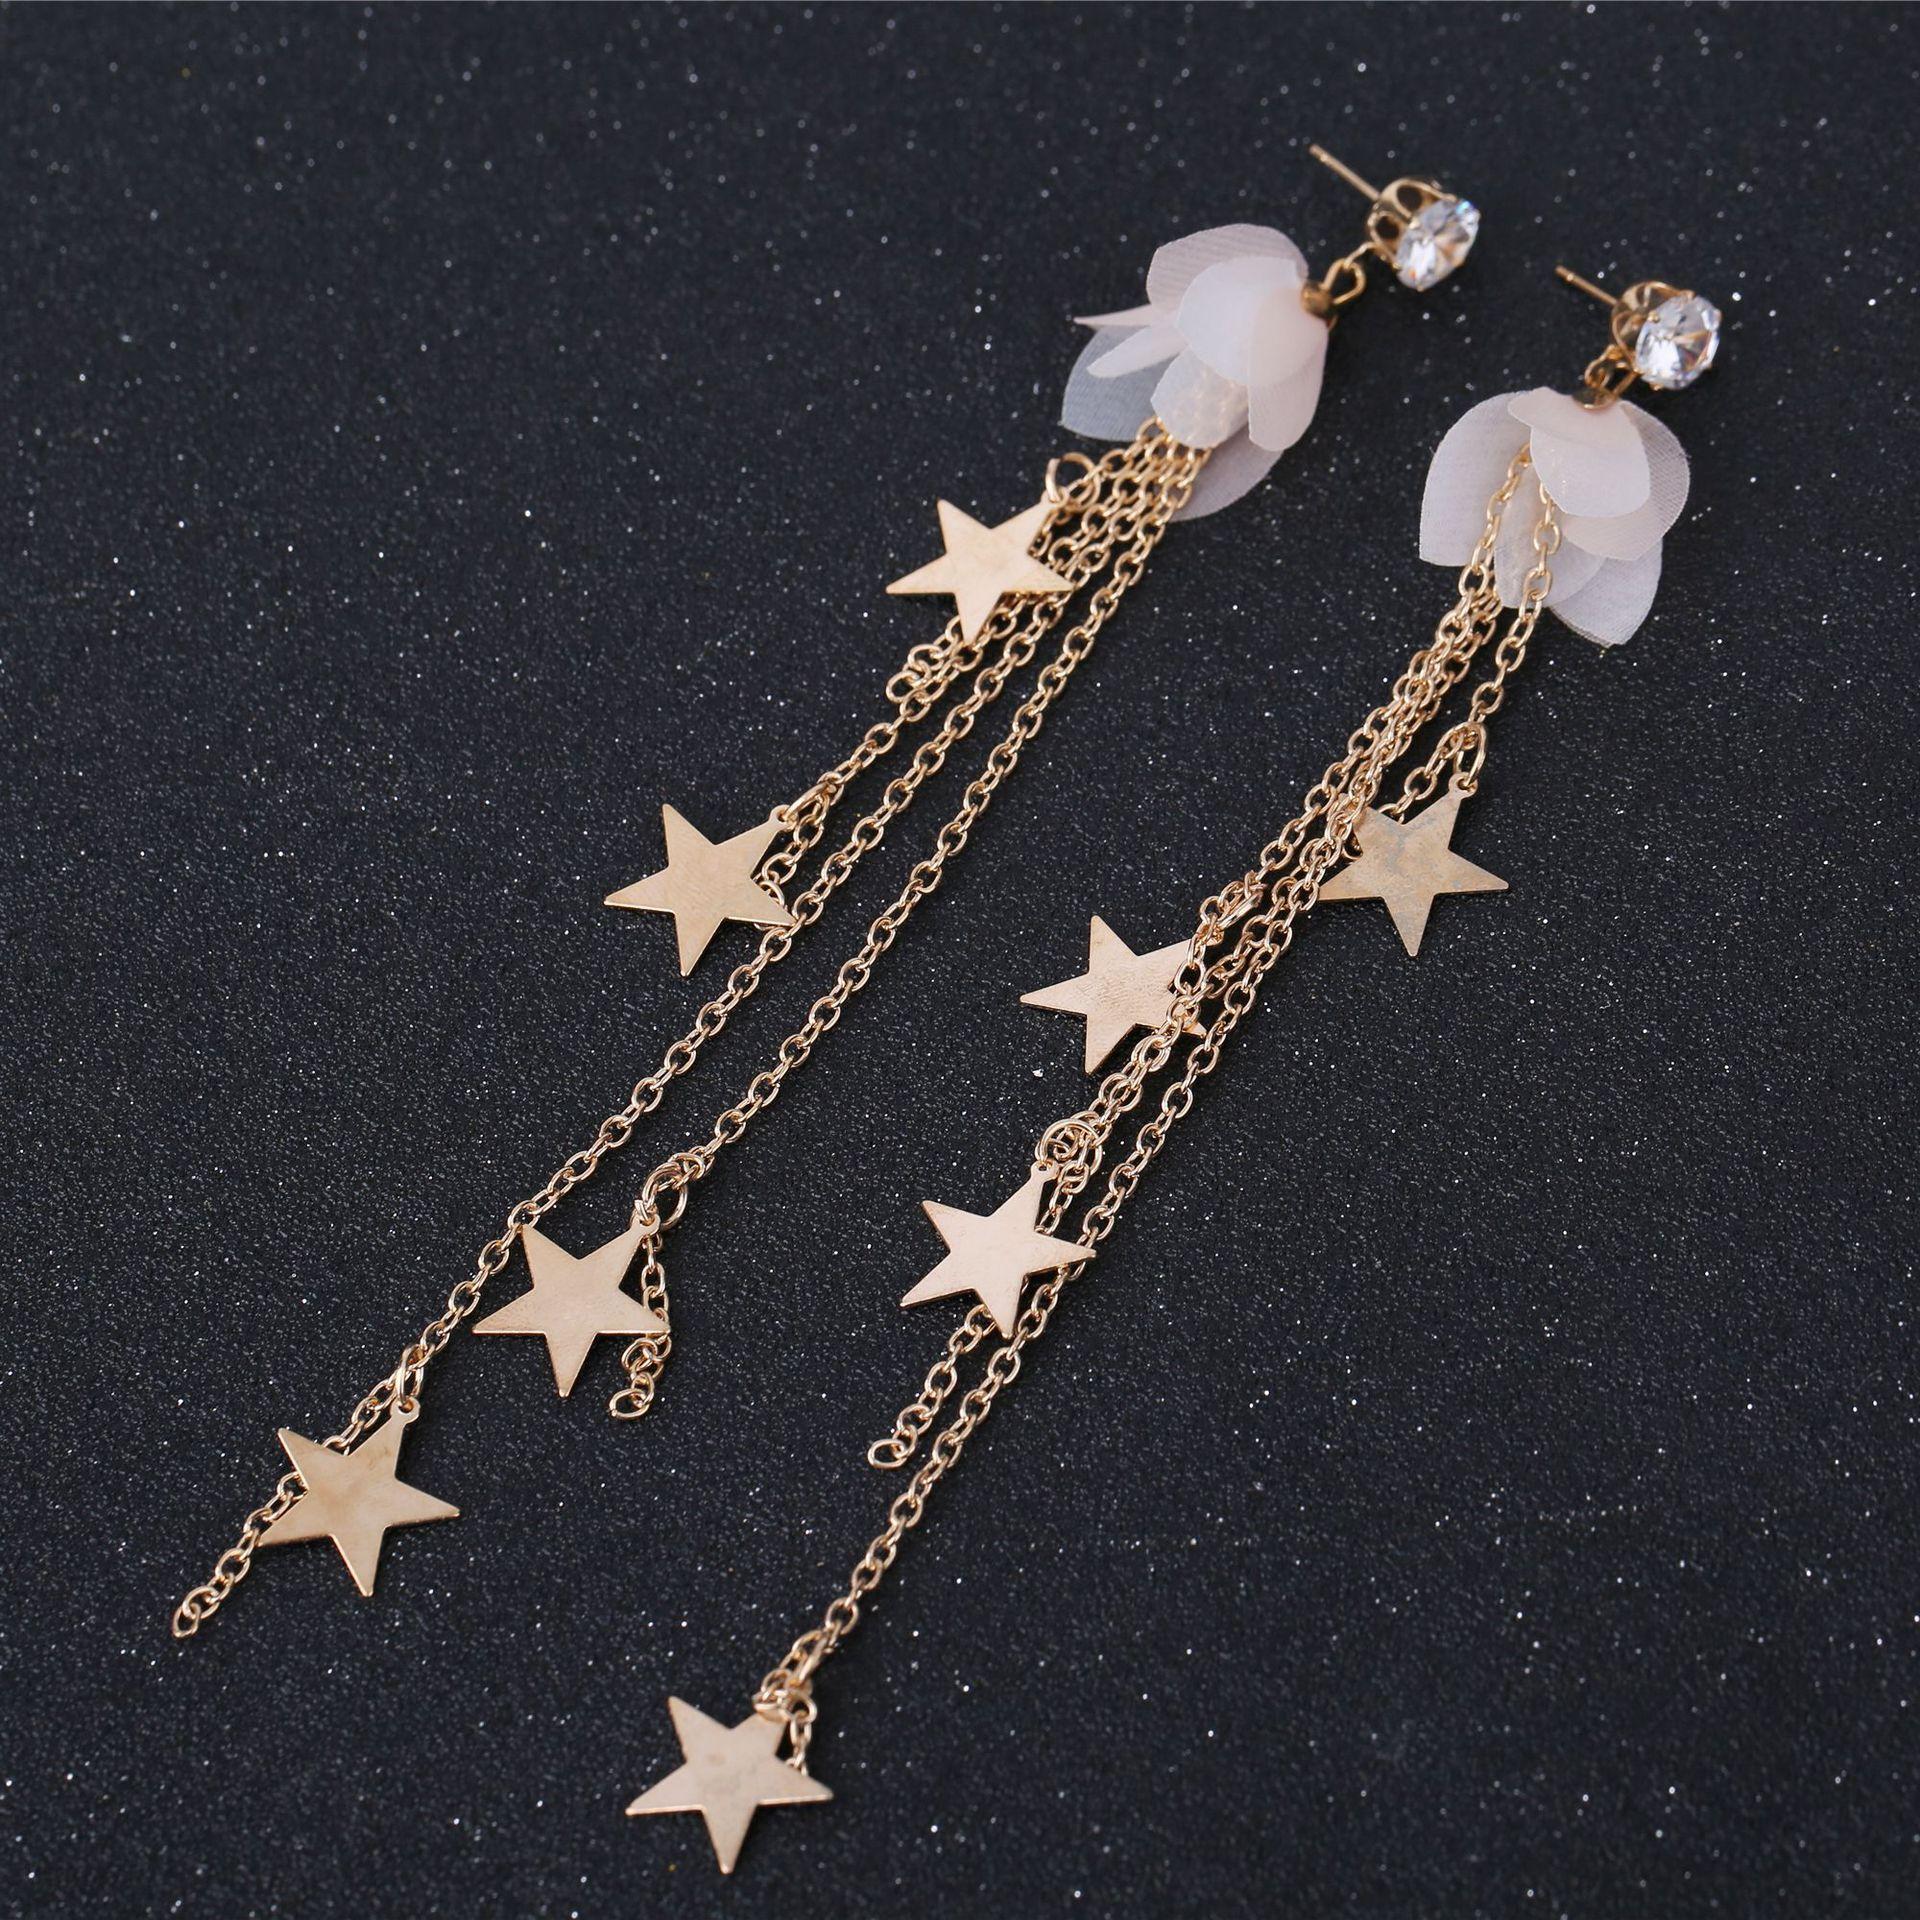 Drop Earrings Shifeel 2018 New Korea Style Fresh Bow Flower Star Pentagram Pearl Rear Hanging Earrings Temperament Sweet Pendients For Women Jewelry & Accessories